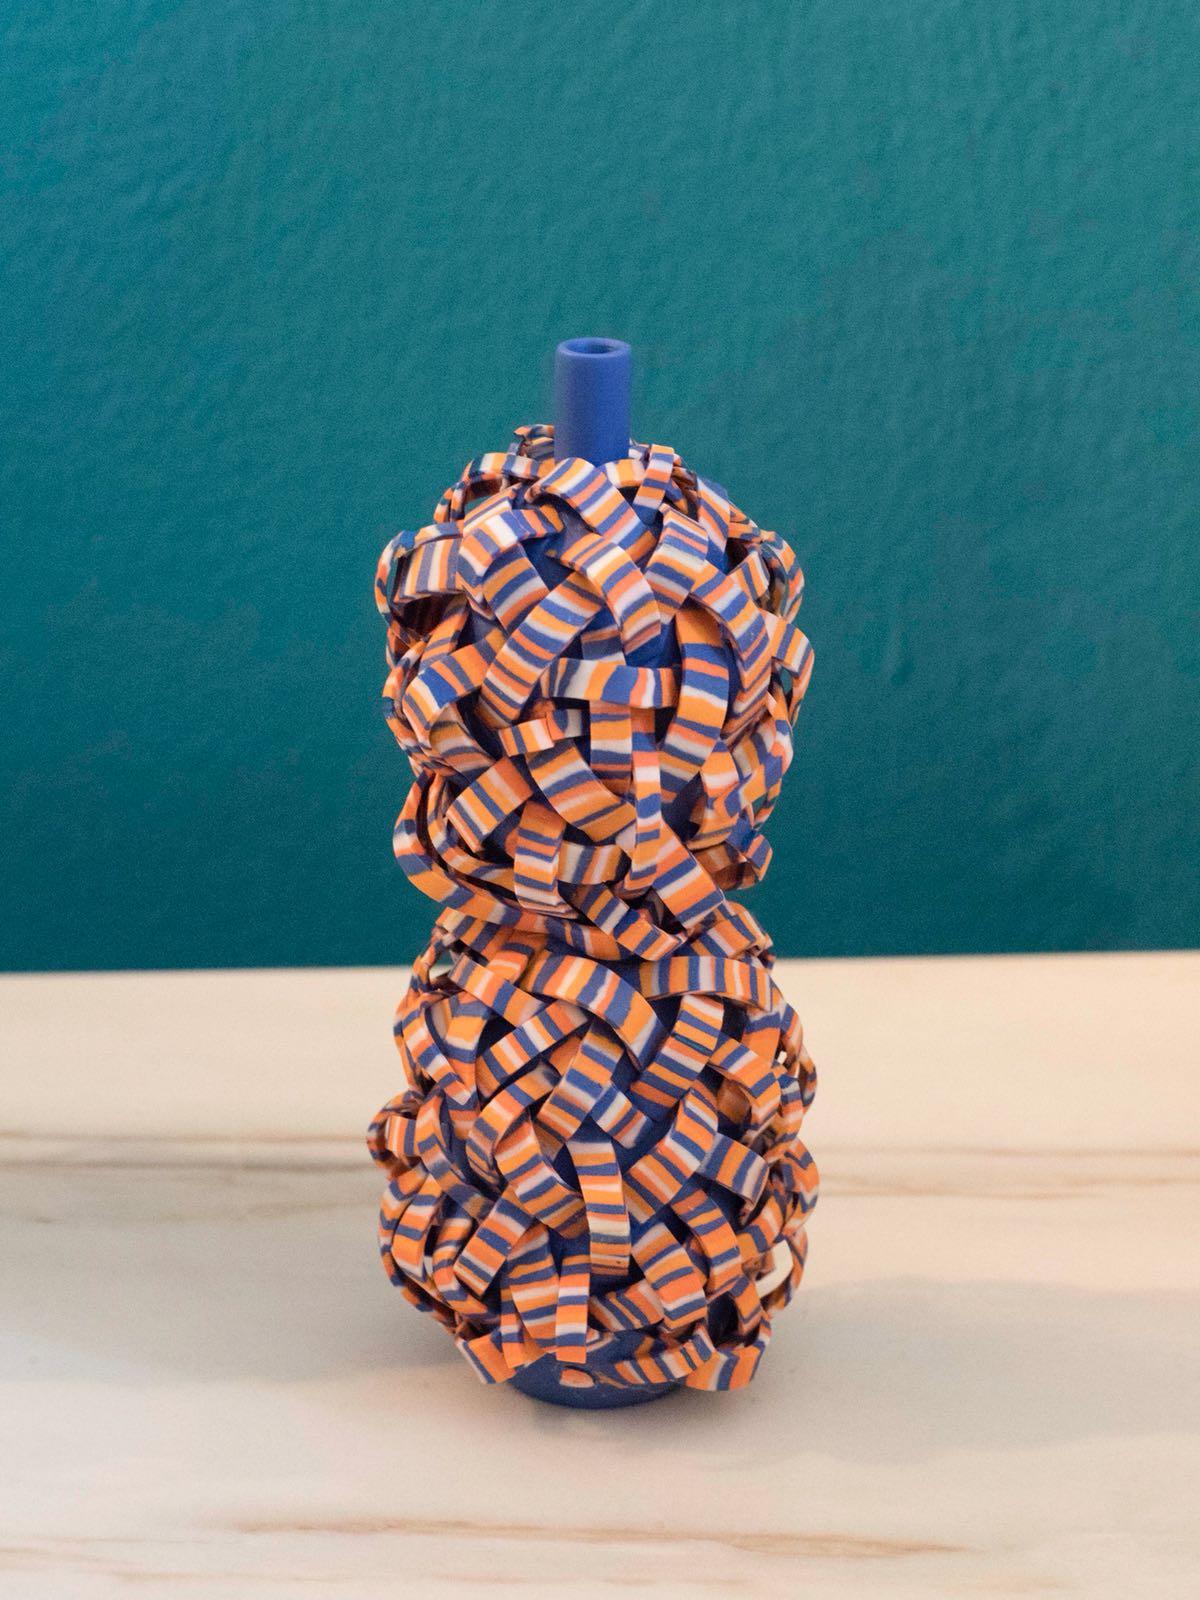 Sculptures by Ahryun Lee at via palermo 5, Milan, Milano - Milan Design Week, 2018